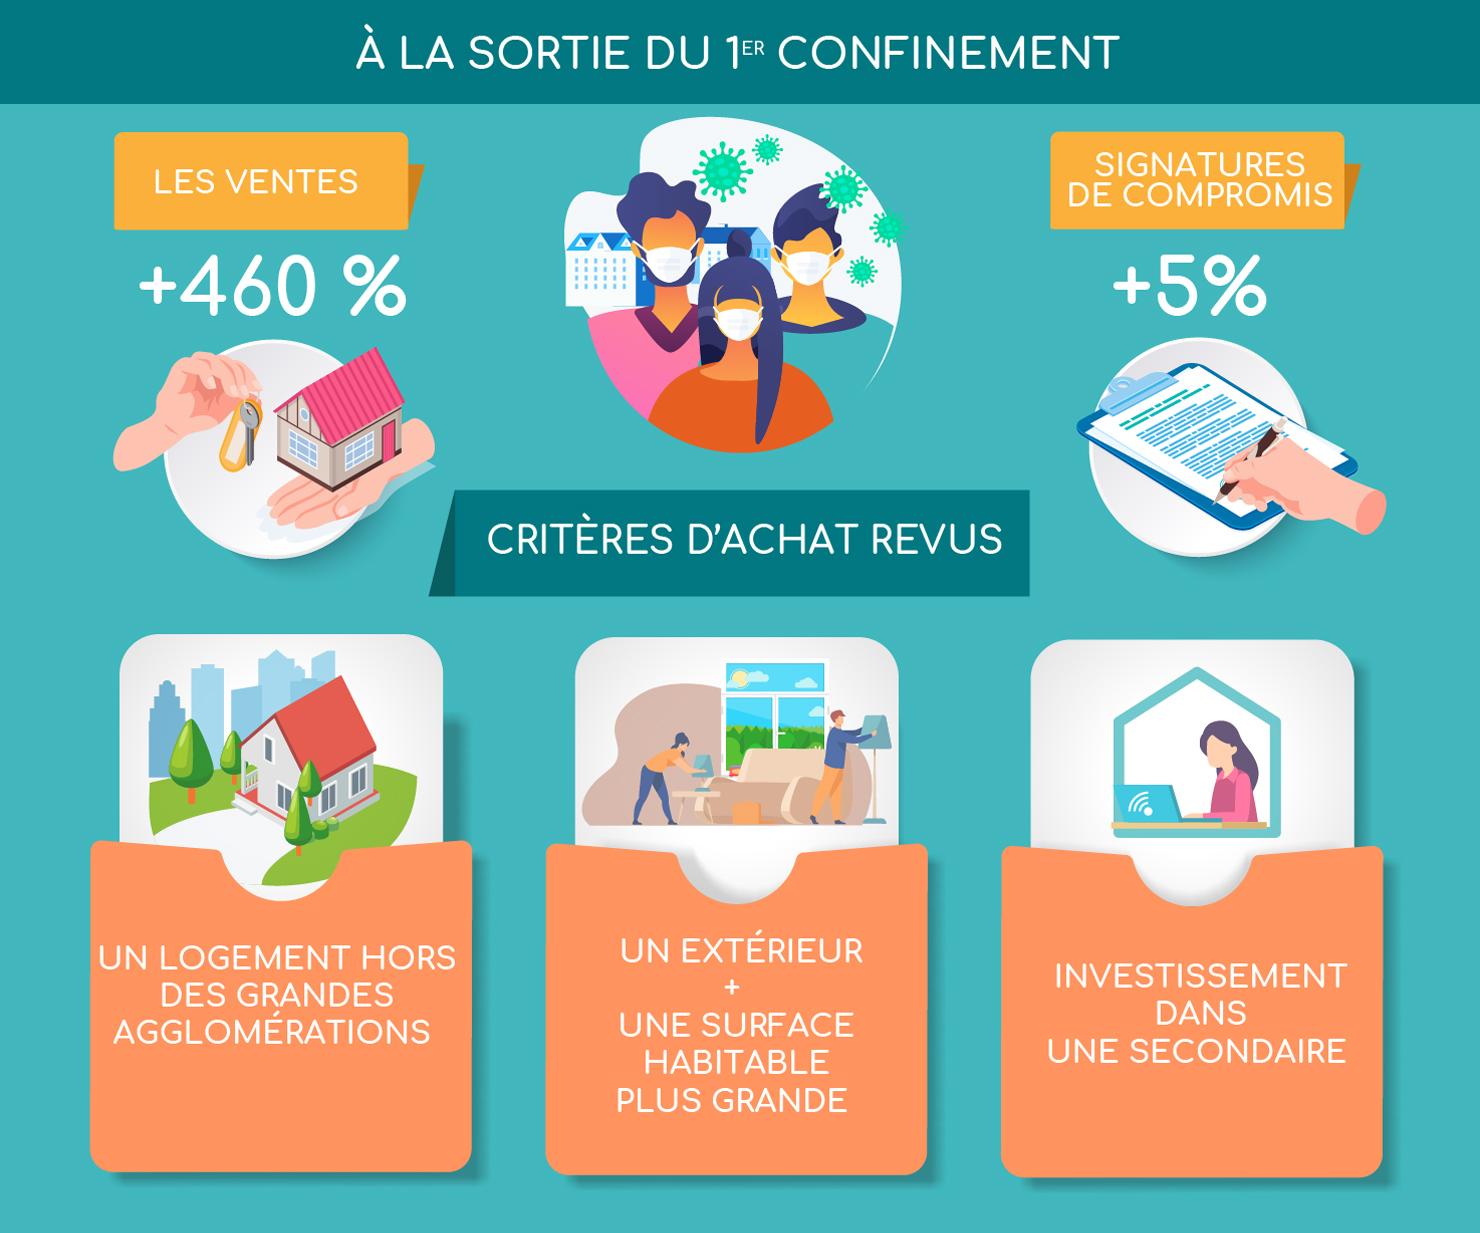 Le marché de l'immobilier à la sortie du confinement - Infographie BienEstimer® by SAFTI